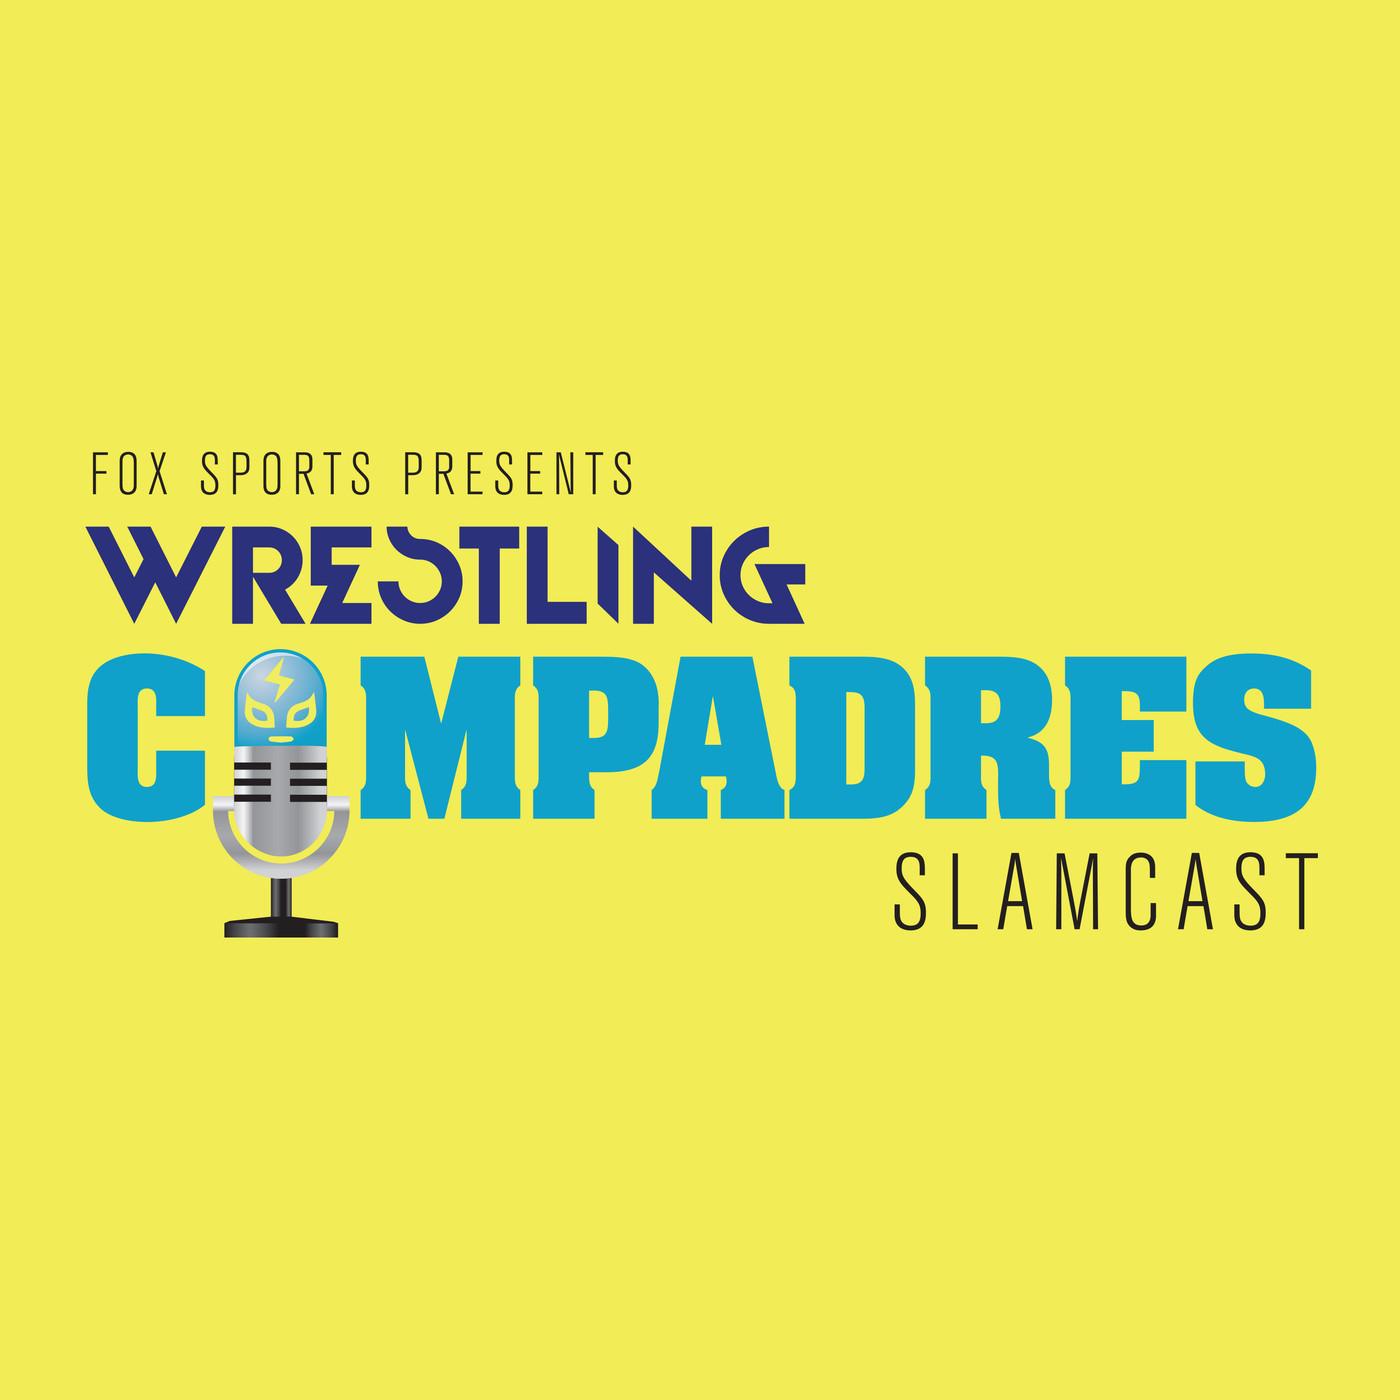 Wrestling Compadres Slamcast